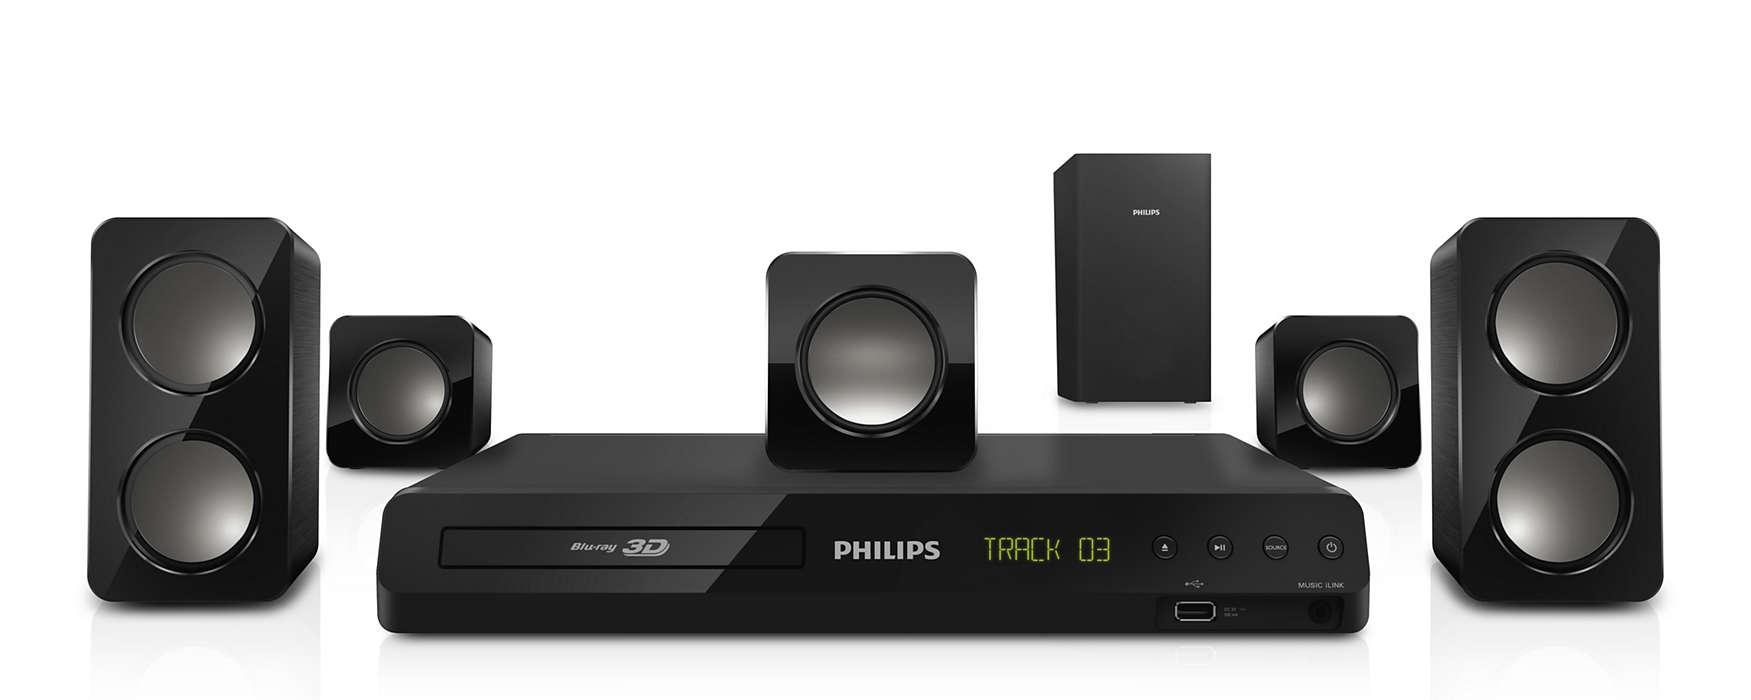 Leistungsstarker Surround Sound von kompakten Lautsprechern